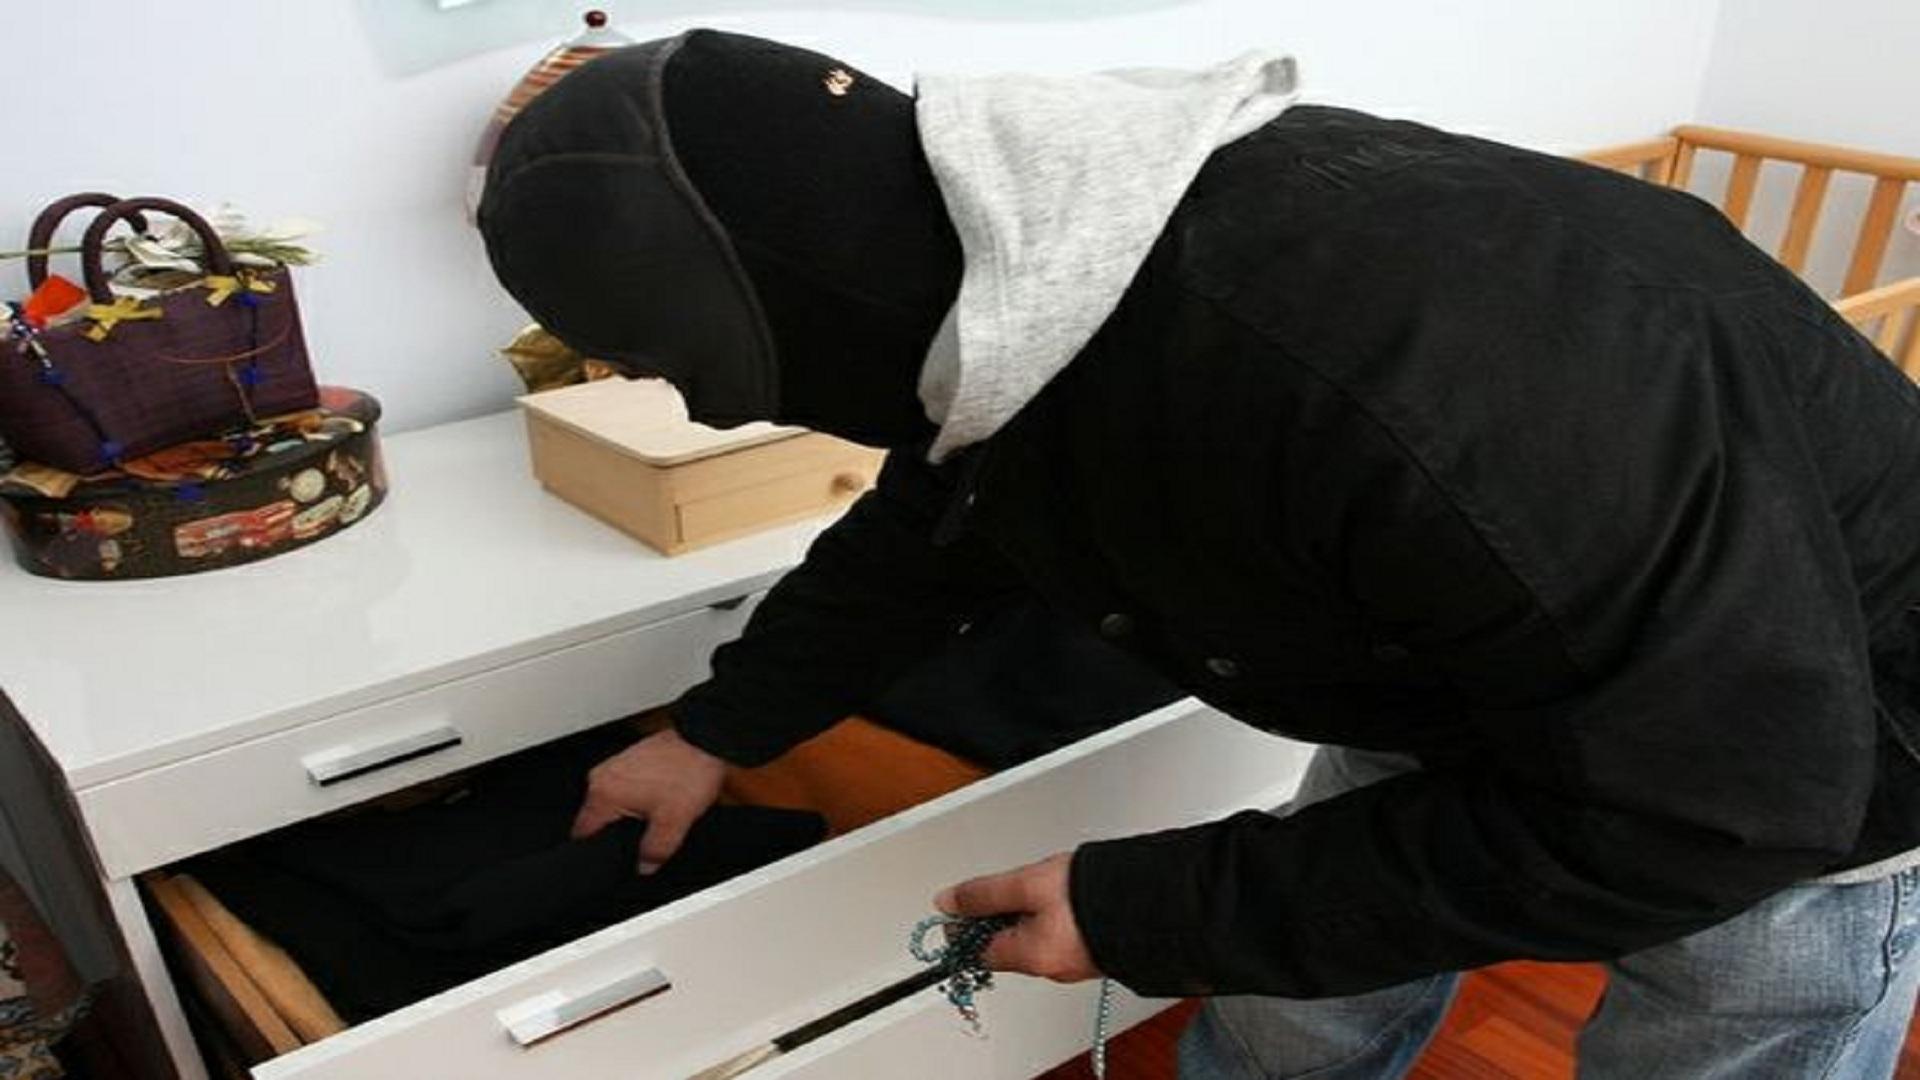 Allarme furti in appartamento: ecco come proteggersi